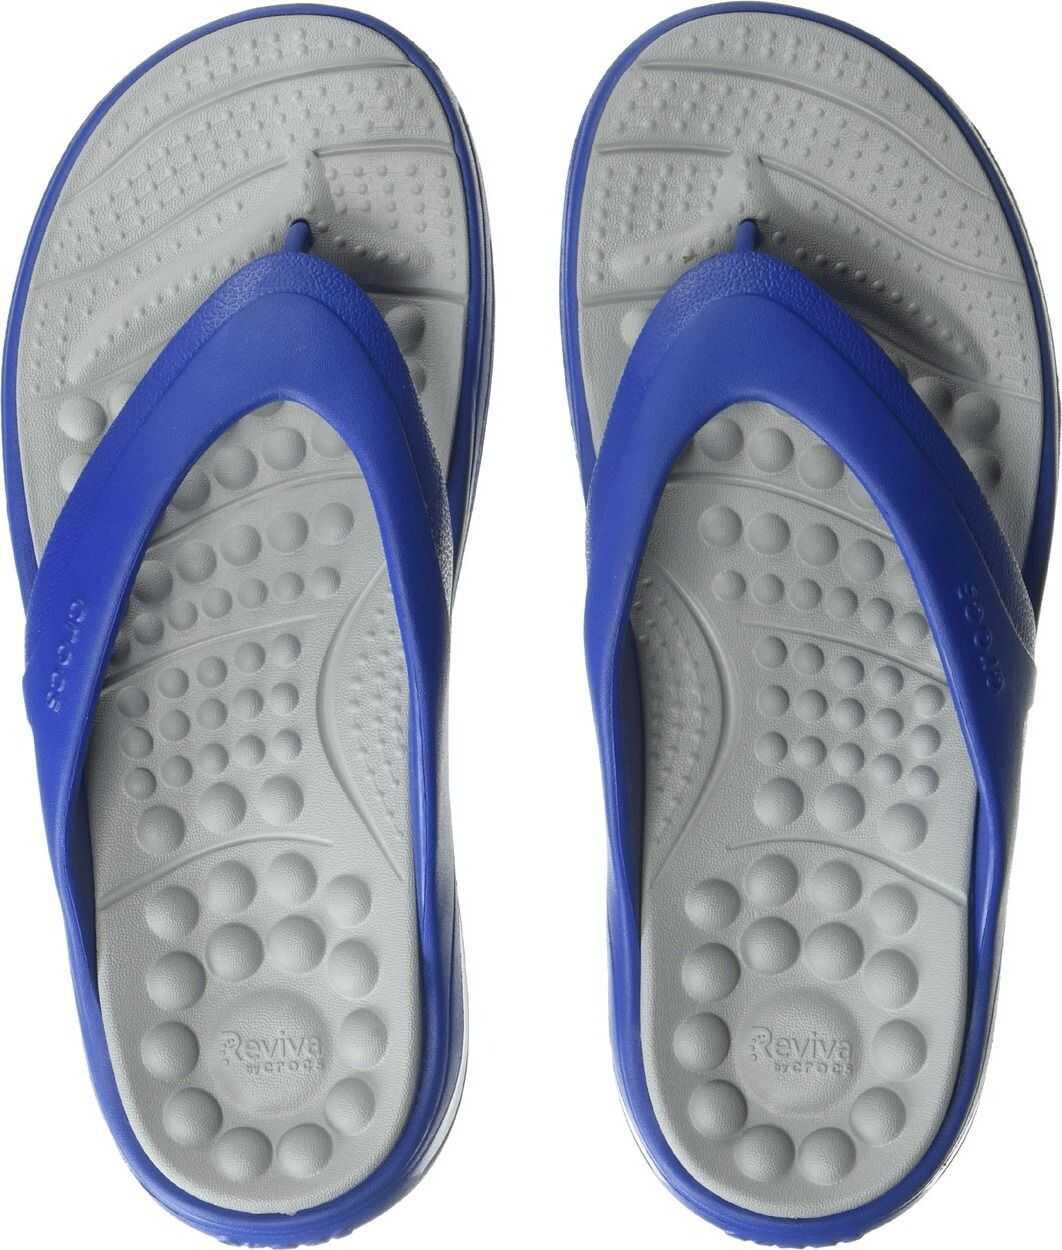 Crocs Reviva Flip Blue Jean/Light Grey